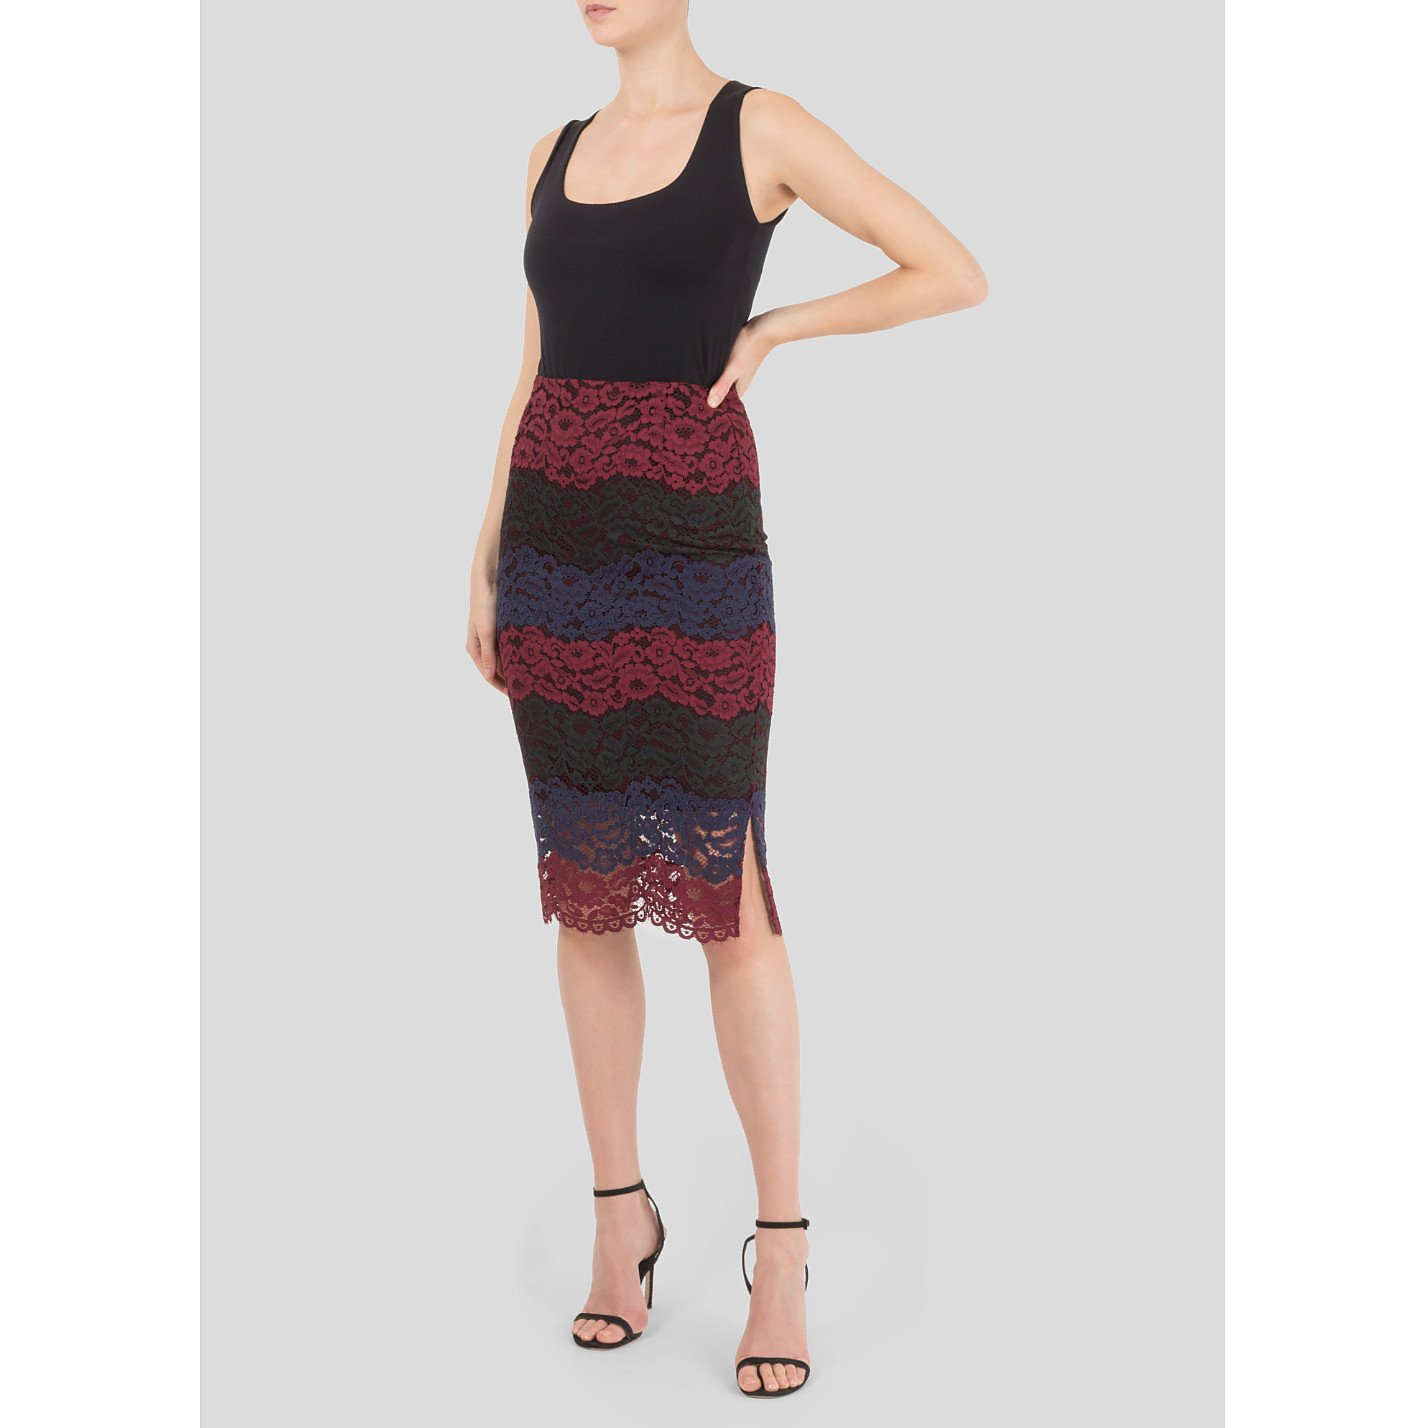 Sandro Multi Tonal Lace Skirt